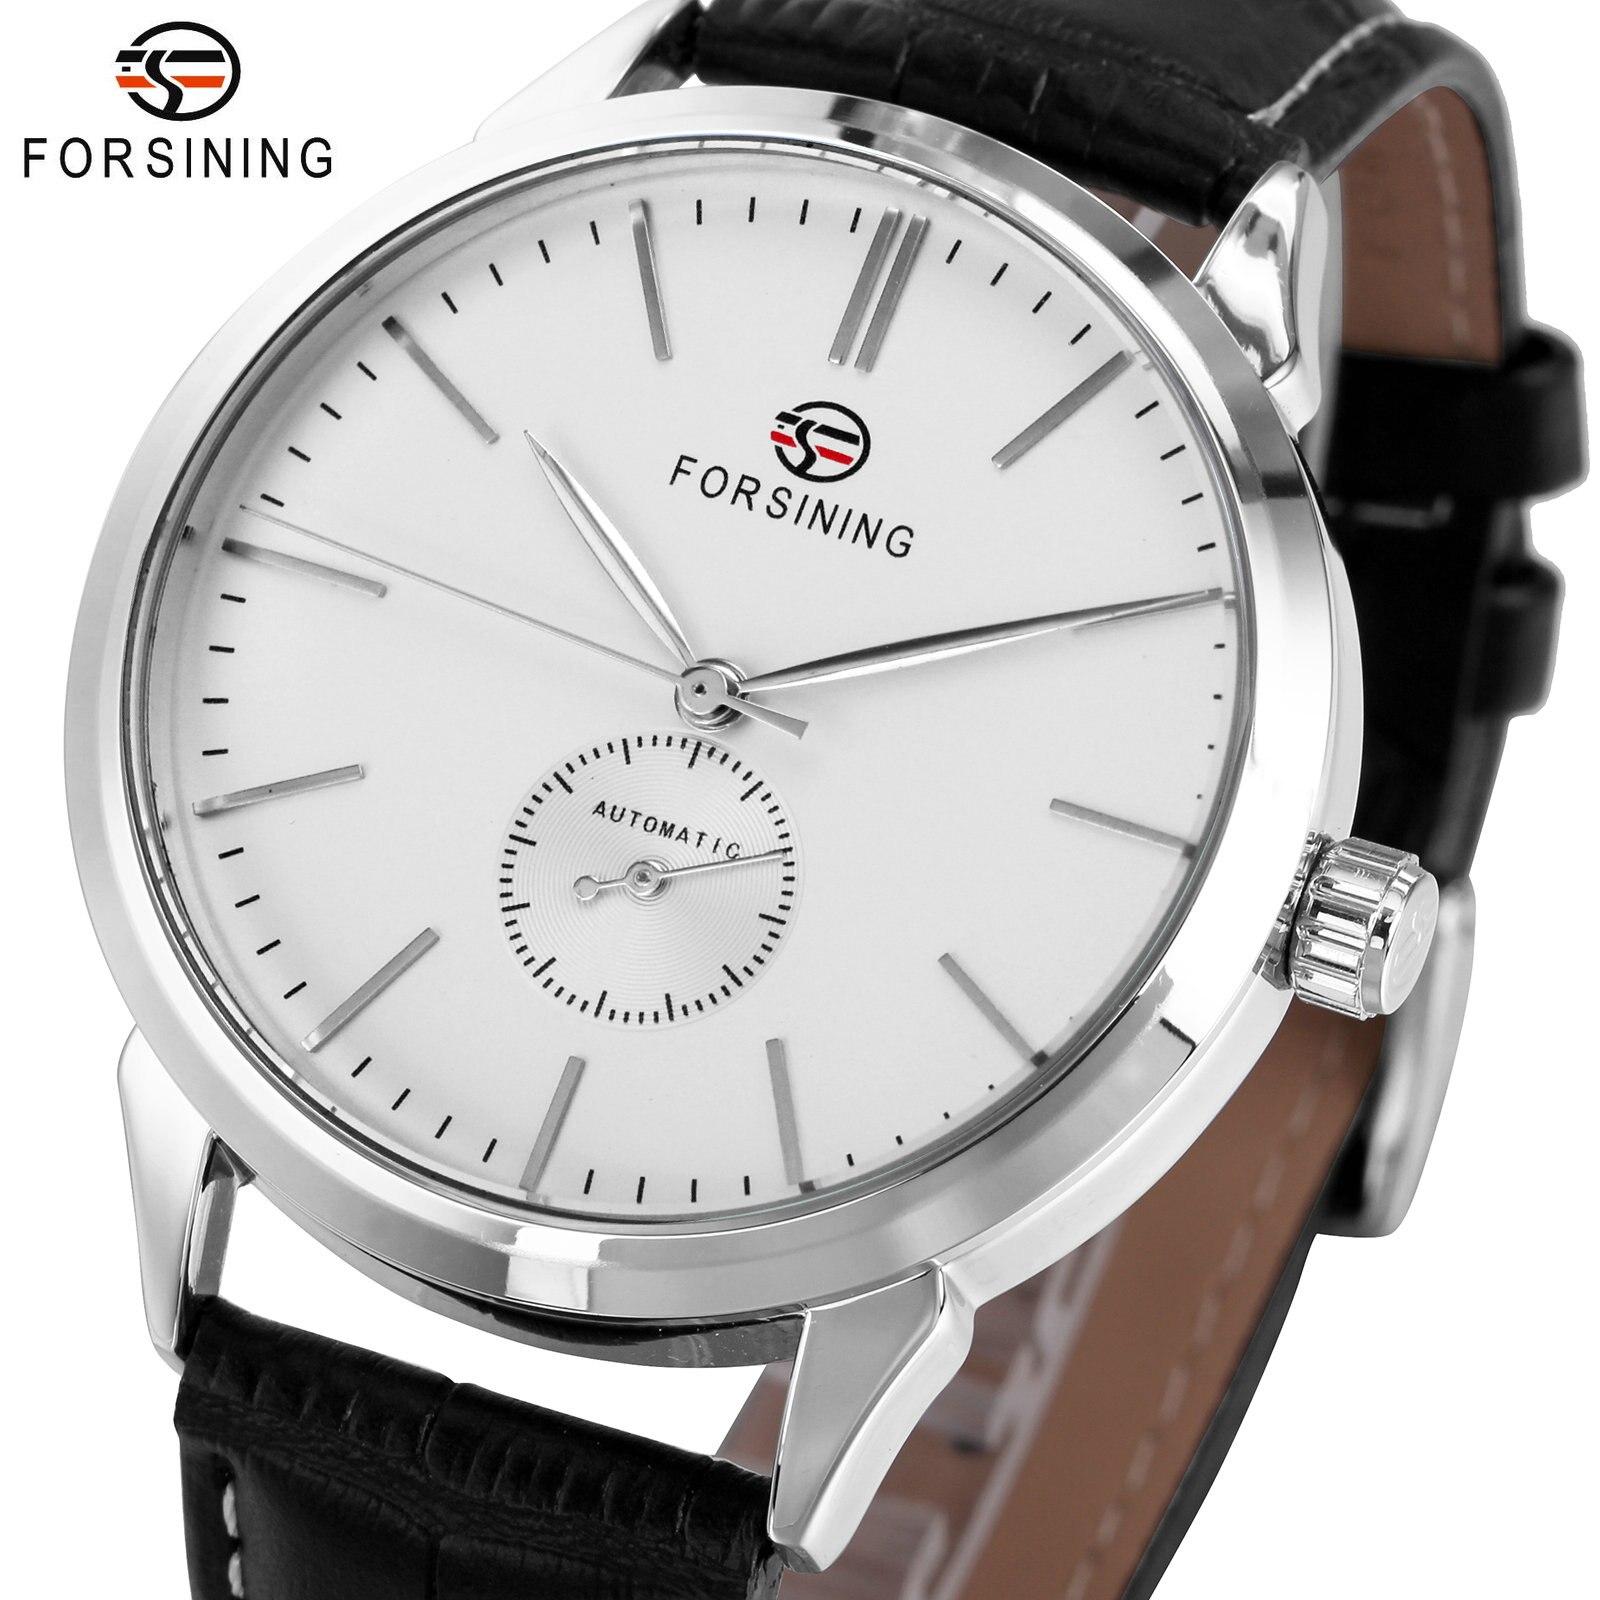 FORSINING Simple Casual reloj automático hombre correa de cuero genuino moda vestido para hombre relojes mecánicos marca superior reloj de lujo CHENXI, relojes de cuarzo para parejas de amantes de la mejor marca, relojes de San Valentín para mujer, relojes de pulsera impermeables para mujer de 30m